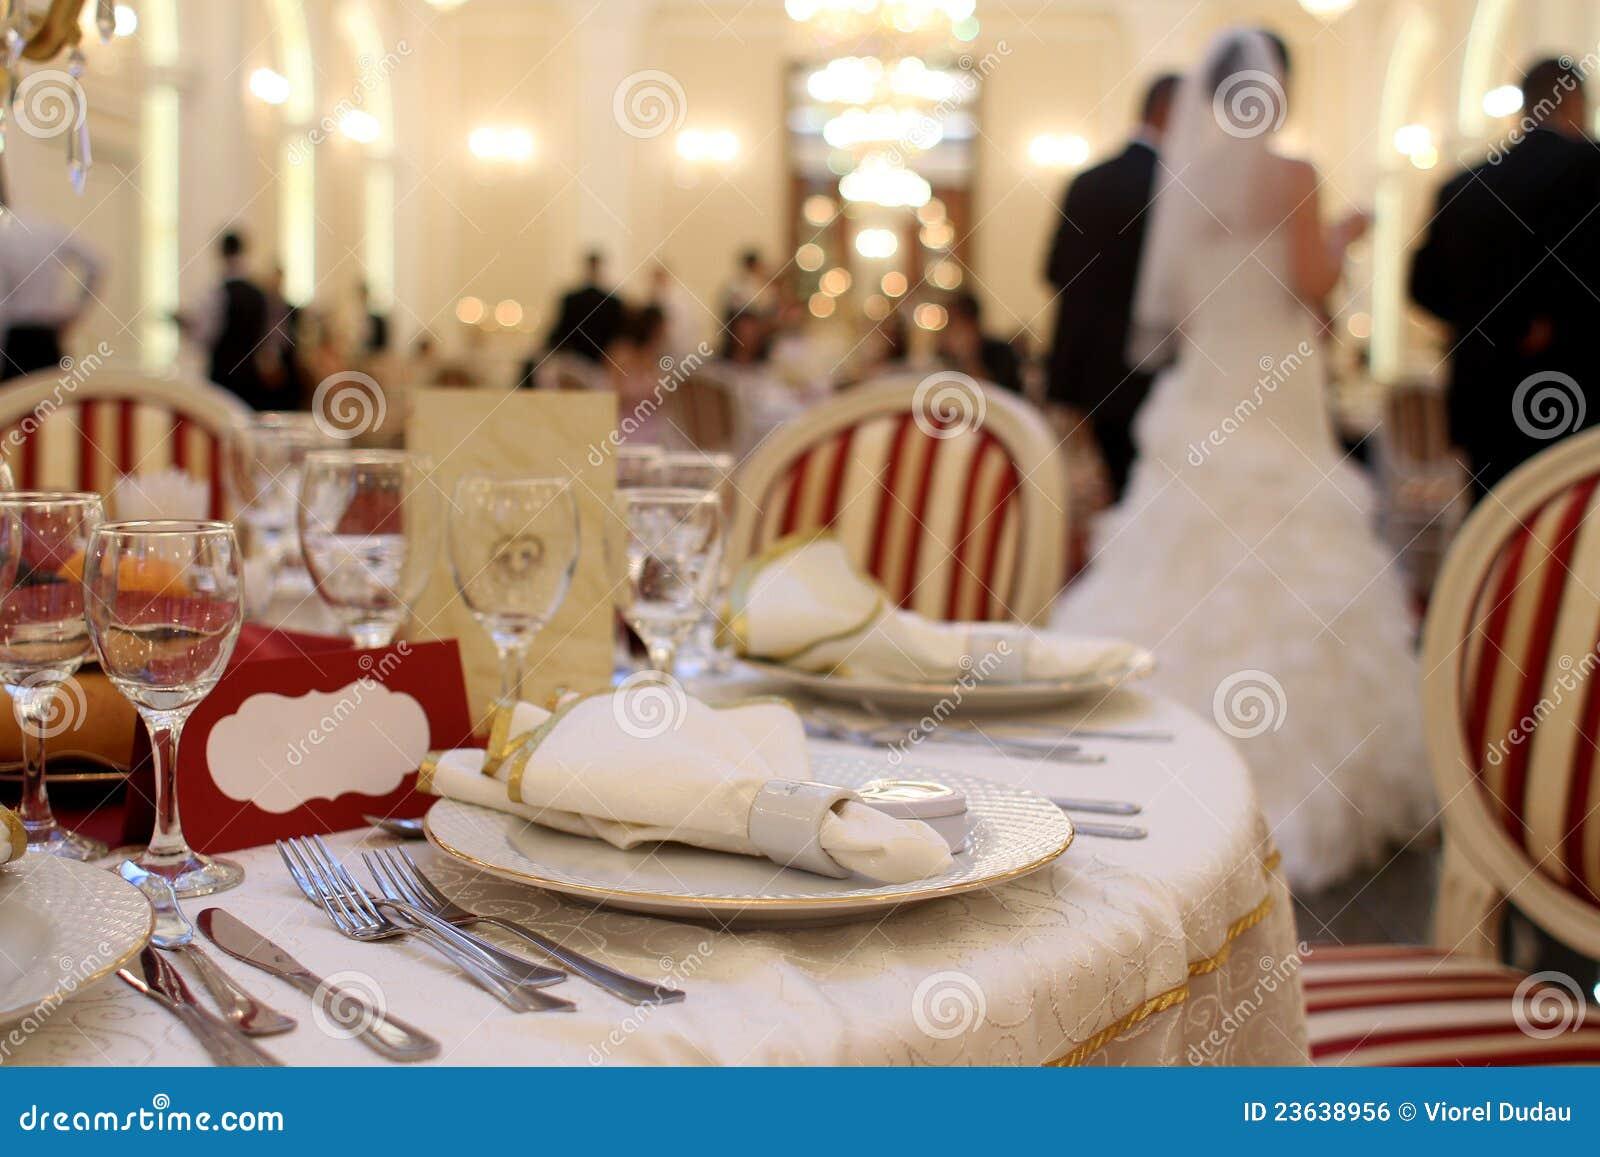 De ontvangst van het huwelijk